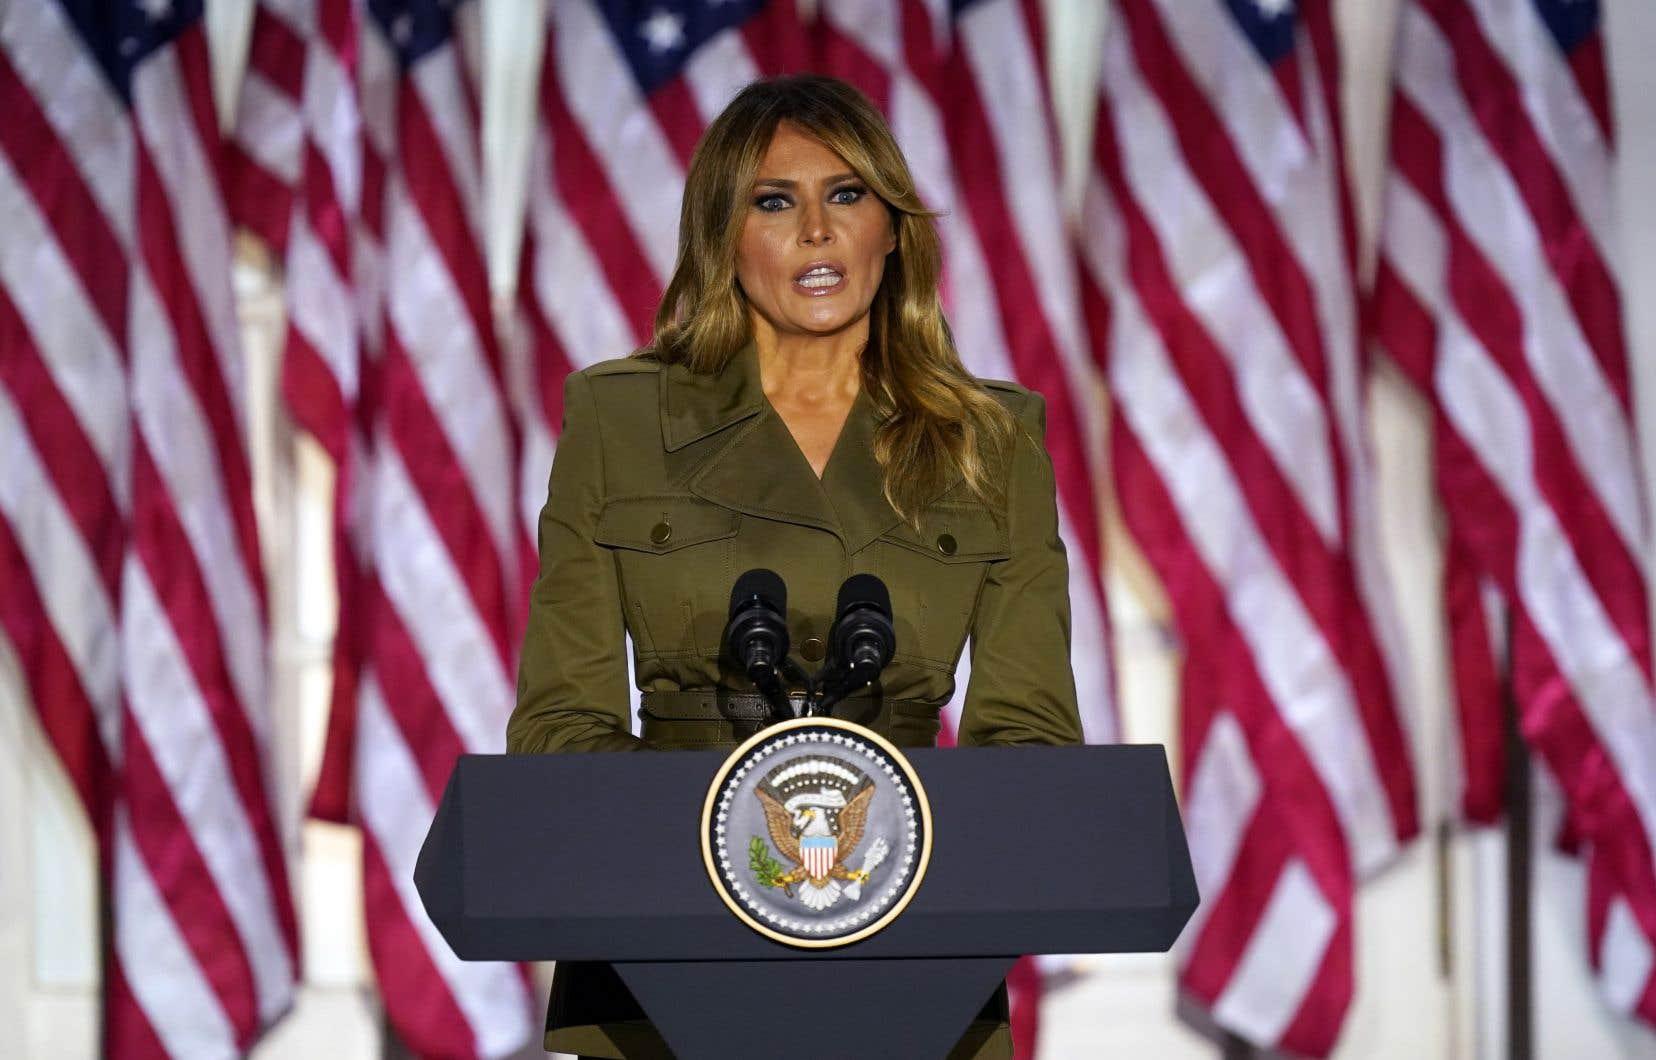 D'ordinaire très discrète, la première dame Melania Trump a prononcé un discours lors de la deuxième journée de la convention nationale républicaine.